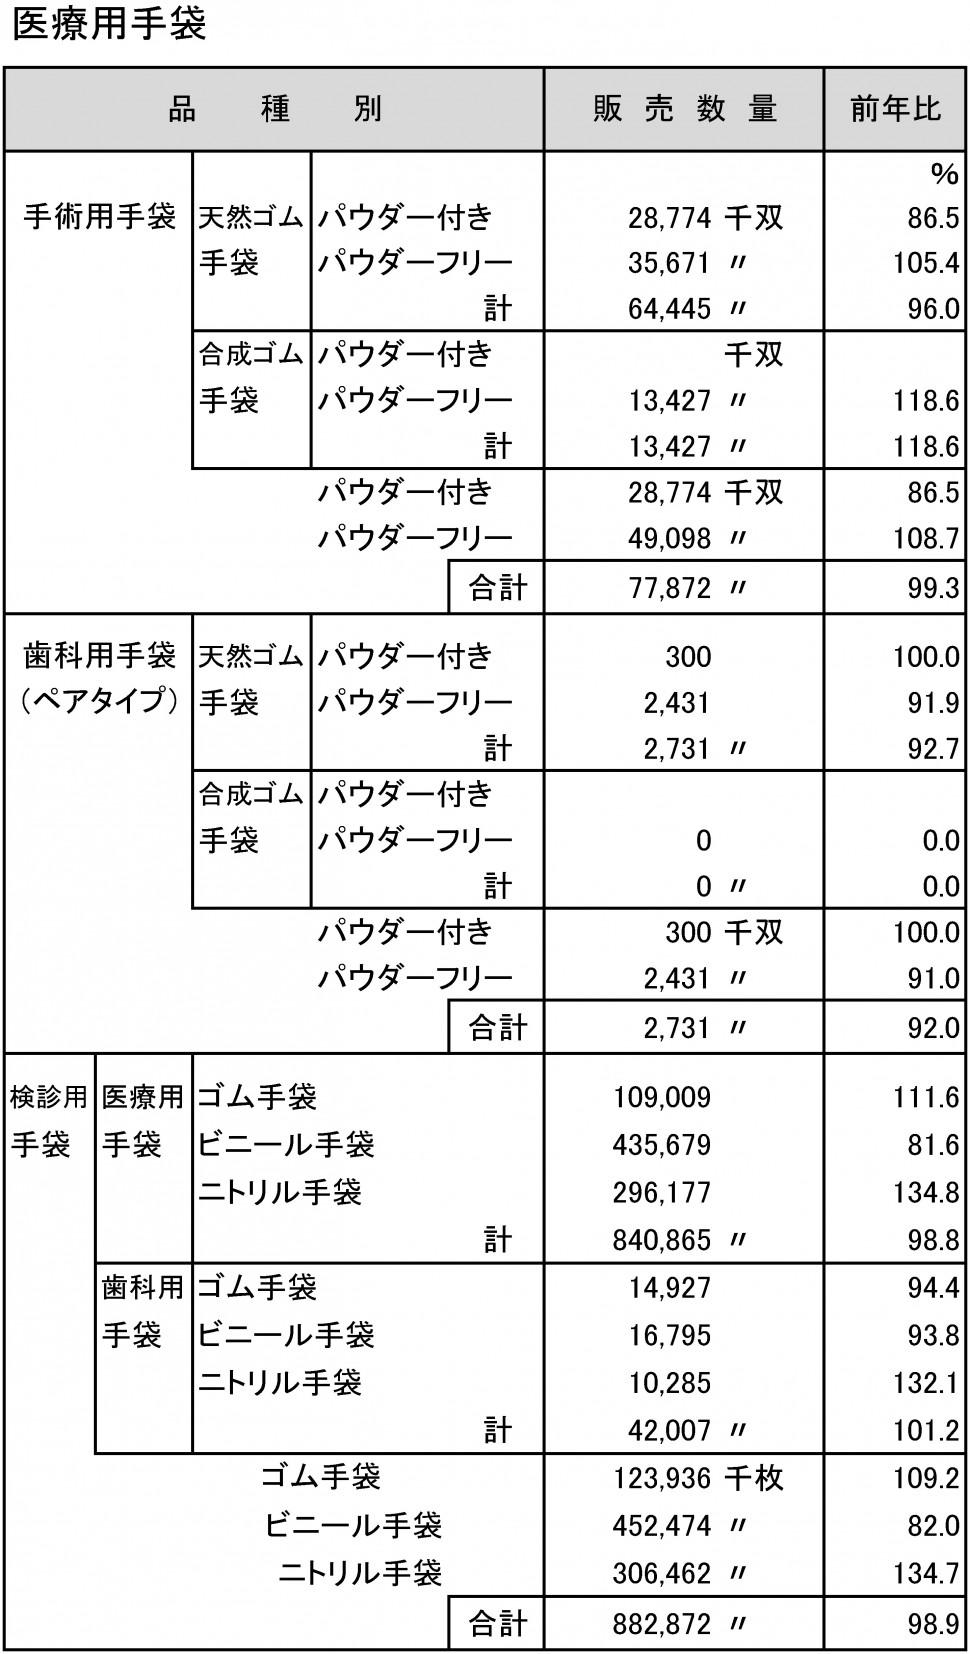 2015年手袋市場規模調査(医療用)